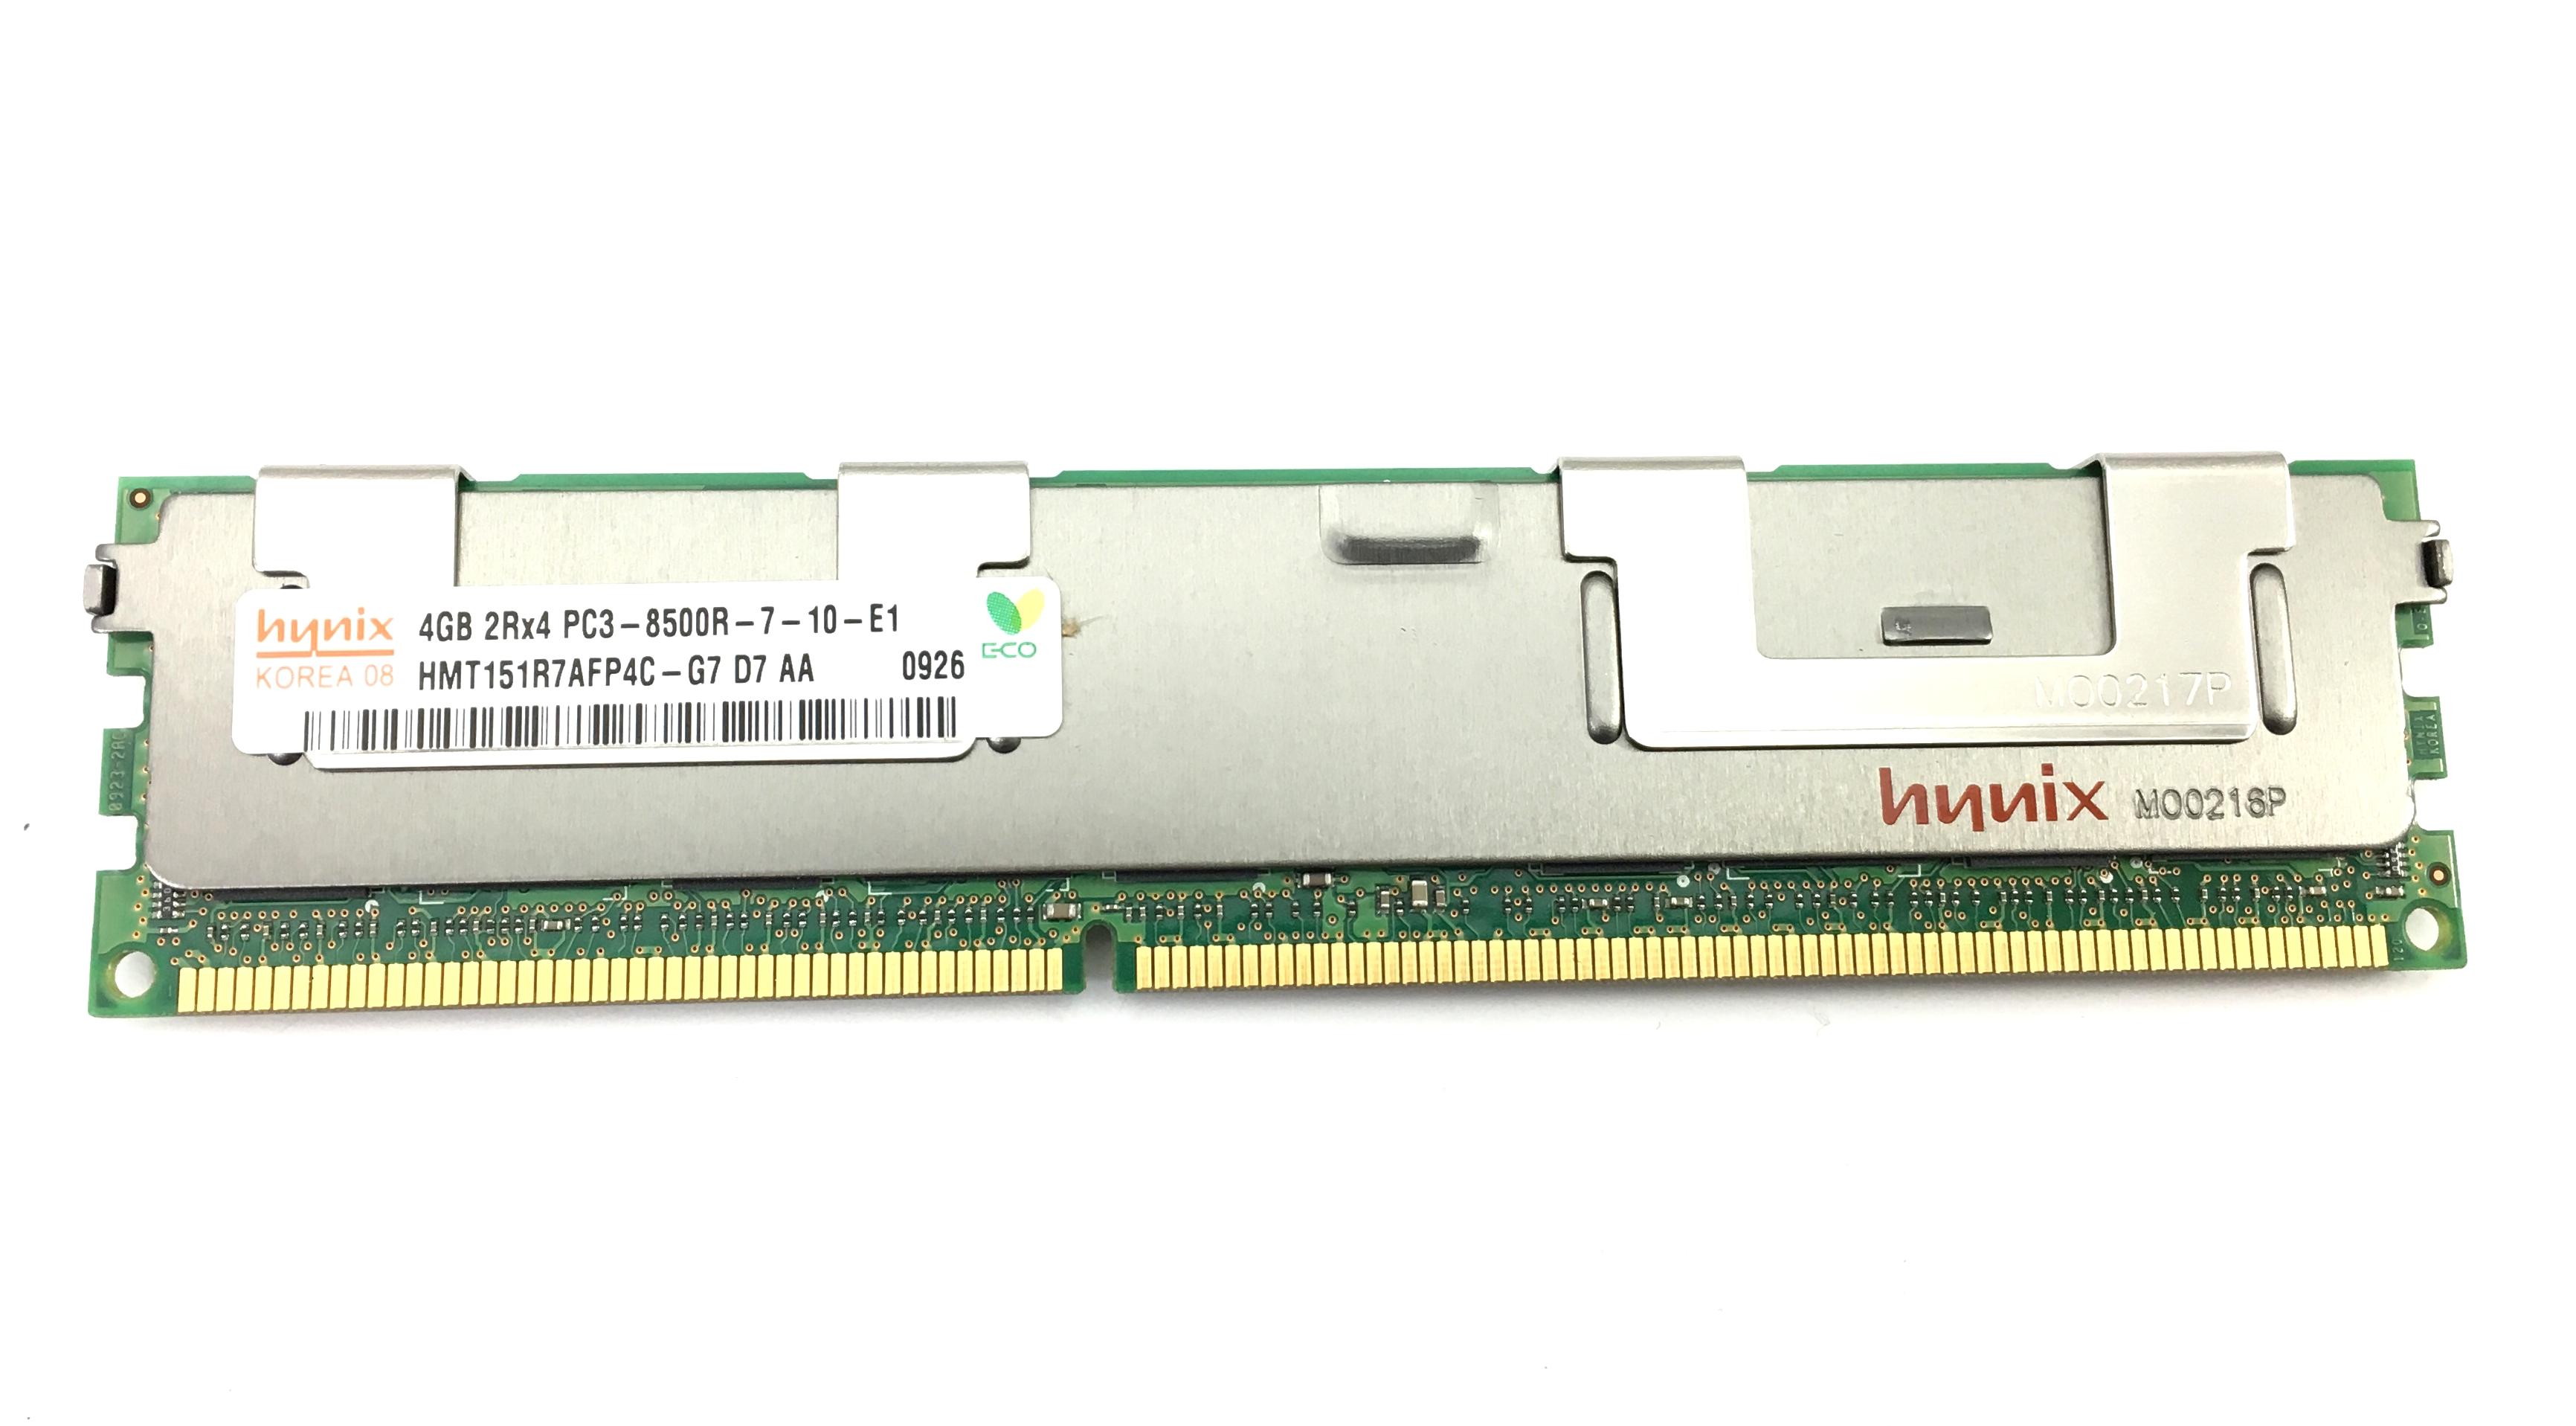 Hynix 4GB 2Rx4 PC3-8500R DDR3 1066MHz ECC REG Memory (HMT151R7AFP4C-G7)